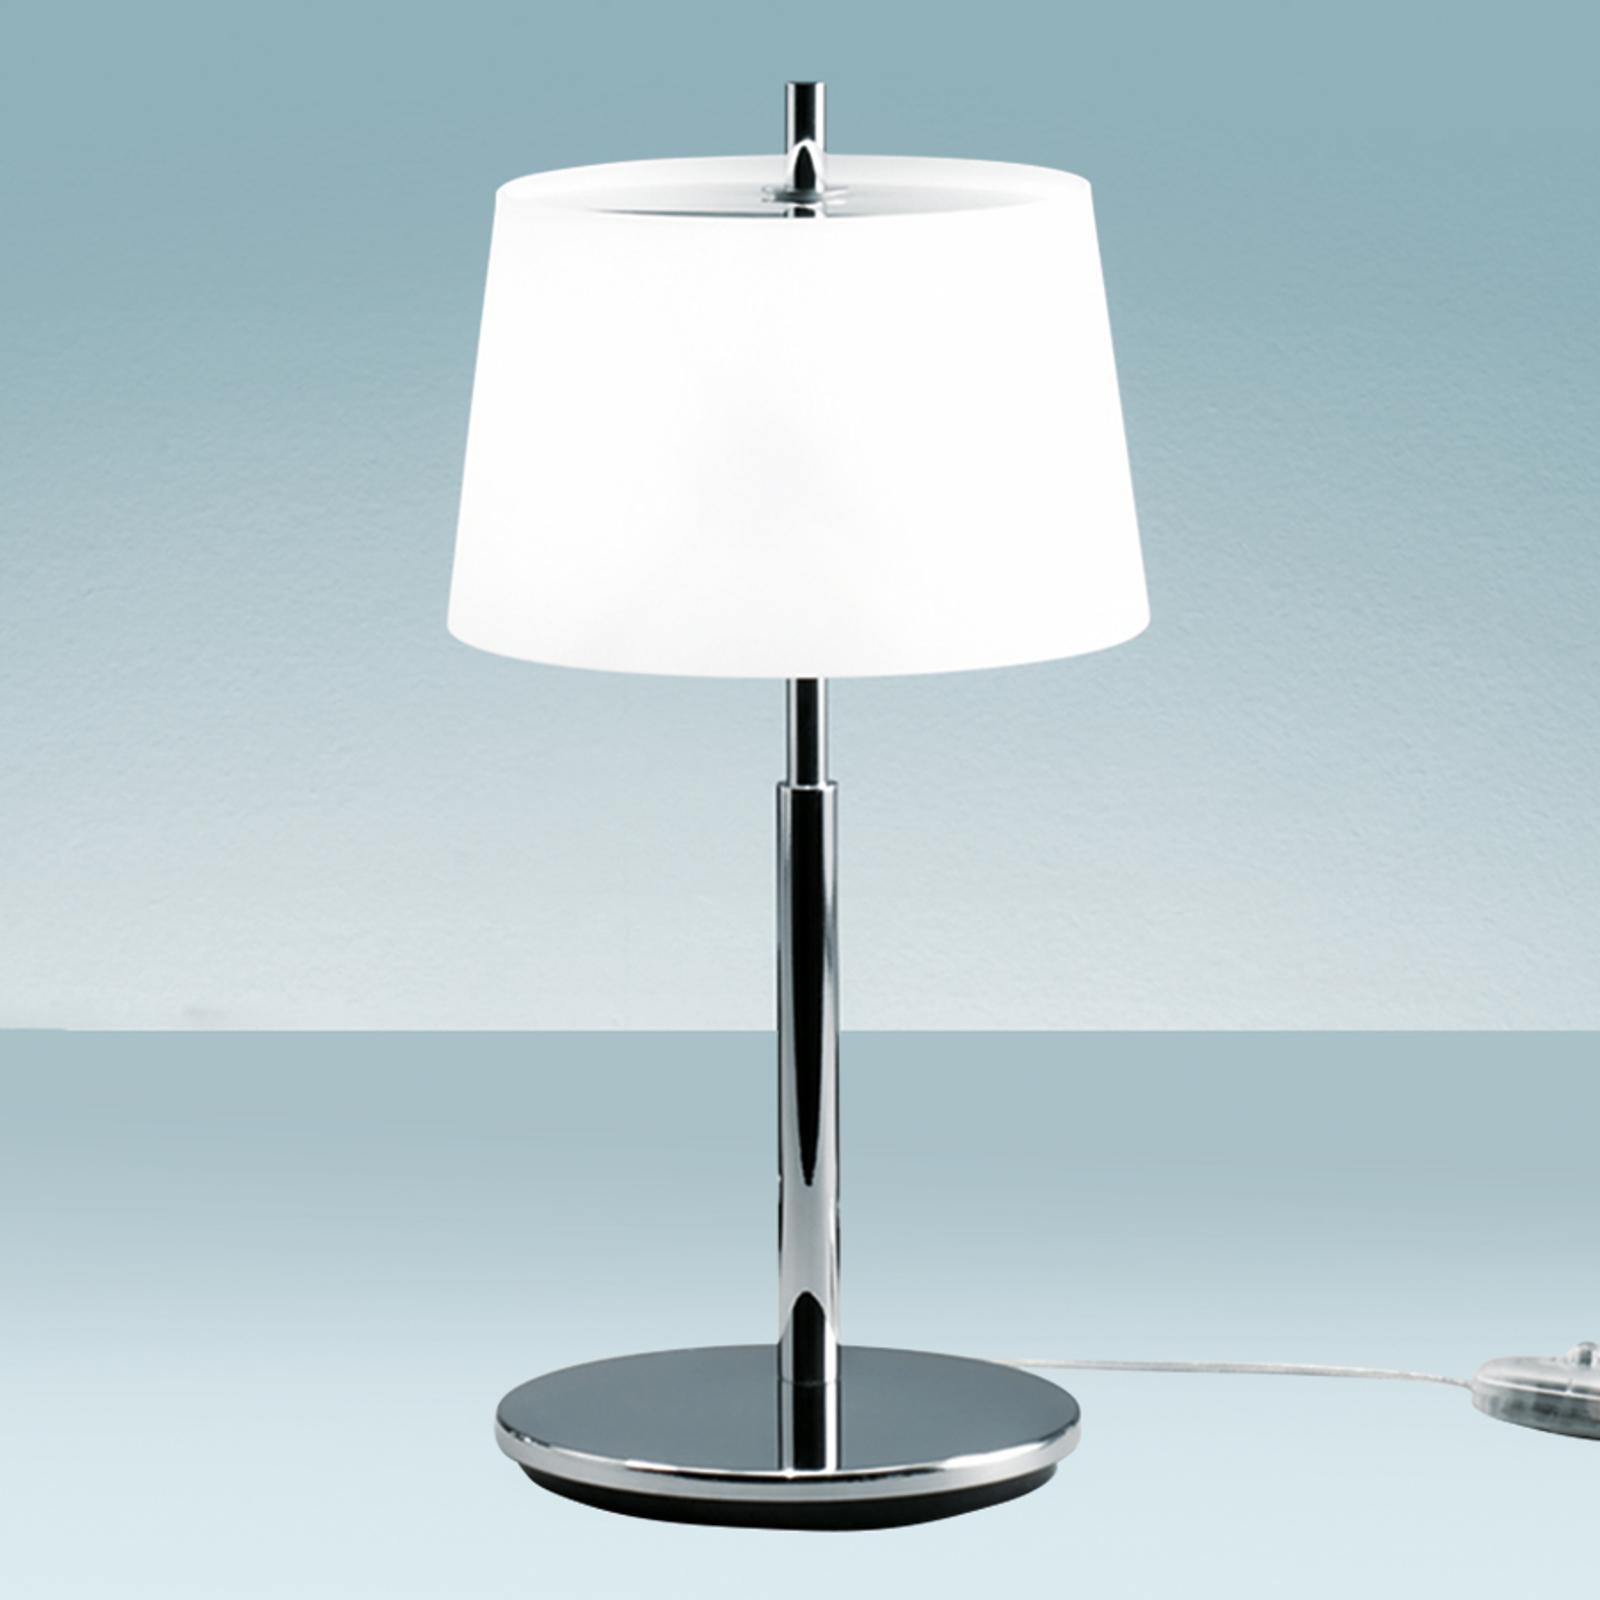 Wyszukana lampa stołowa PASSION 20 cm